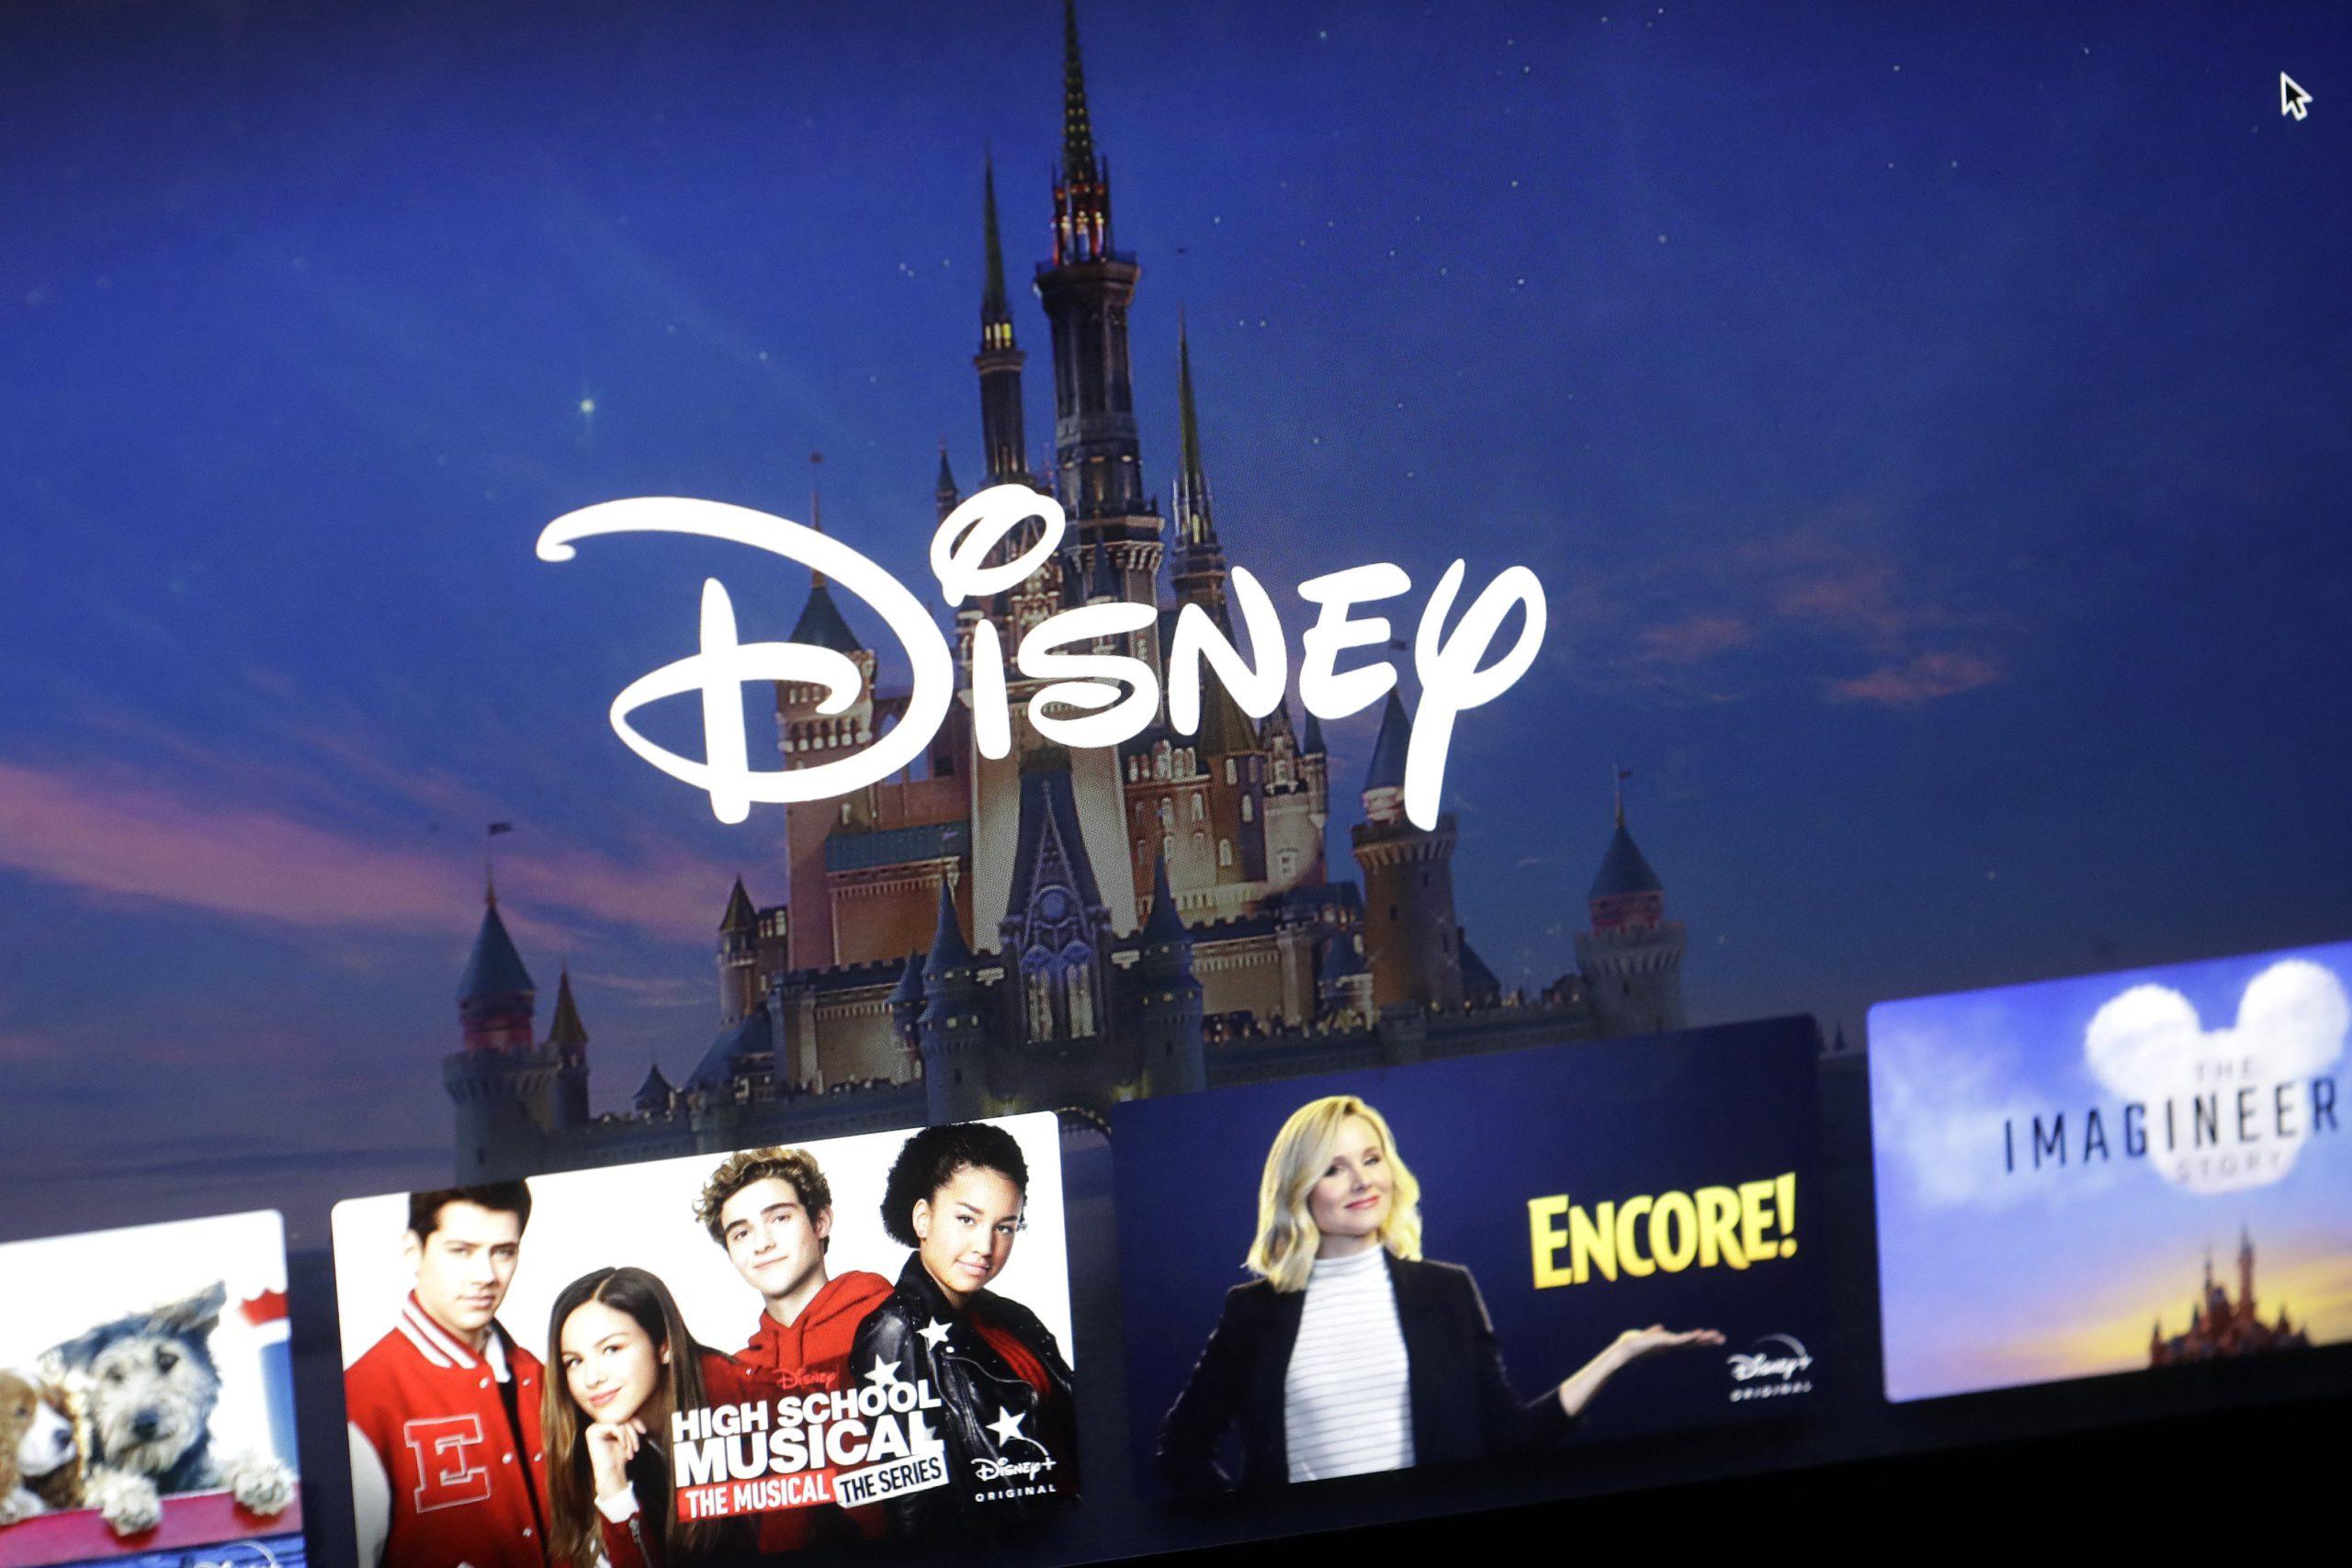 Une série d'acquisitions stratégiques au cours de la dernière décennie a été payante pour Disney, qui se dirige désormais vers les services de streaming.